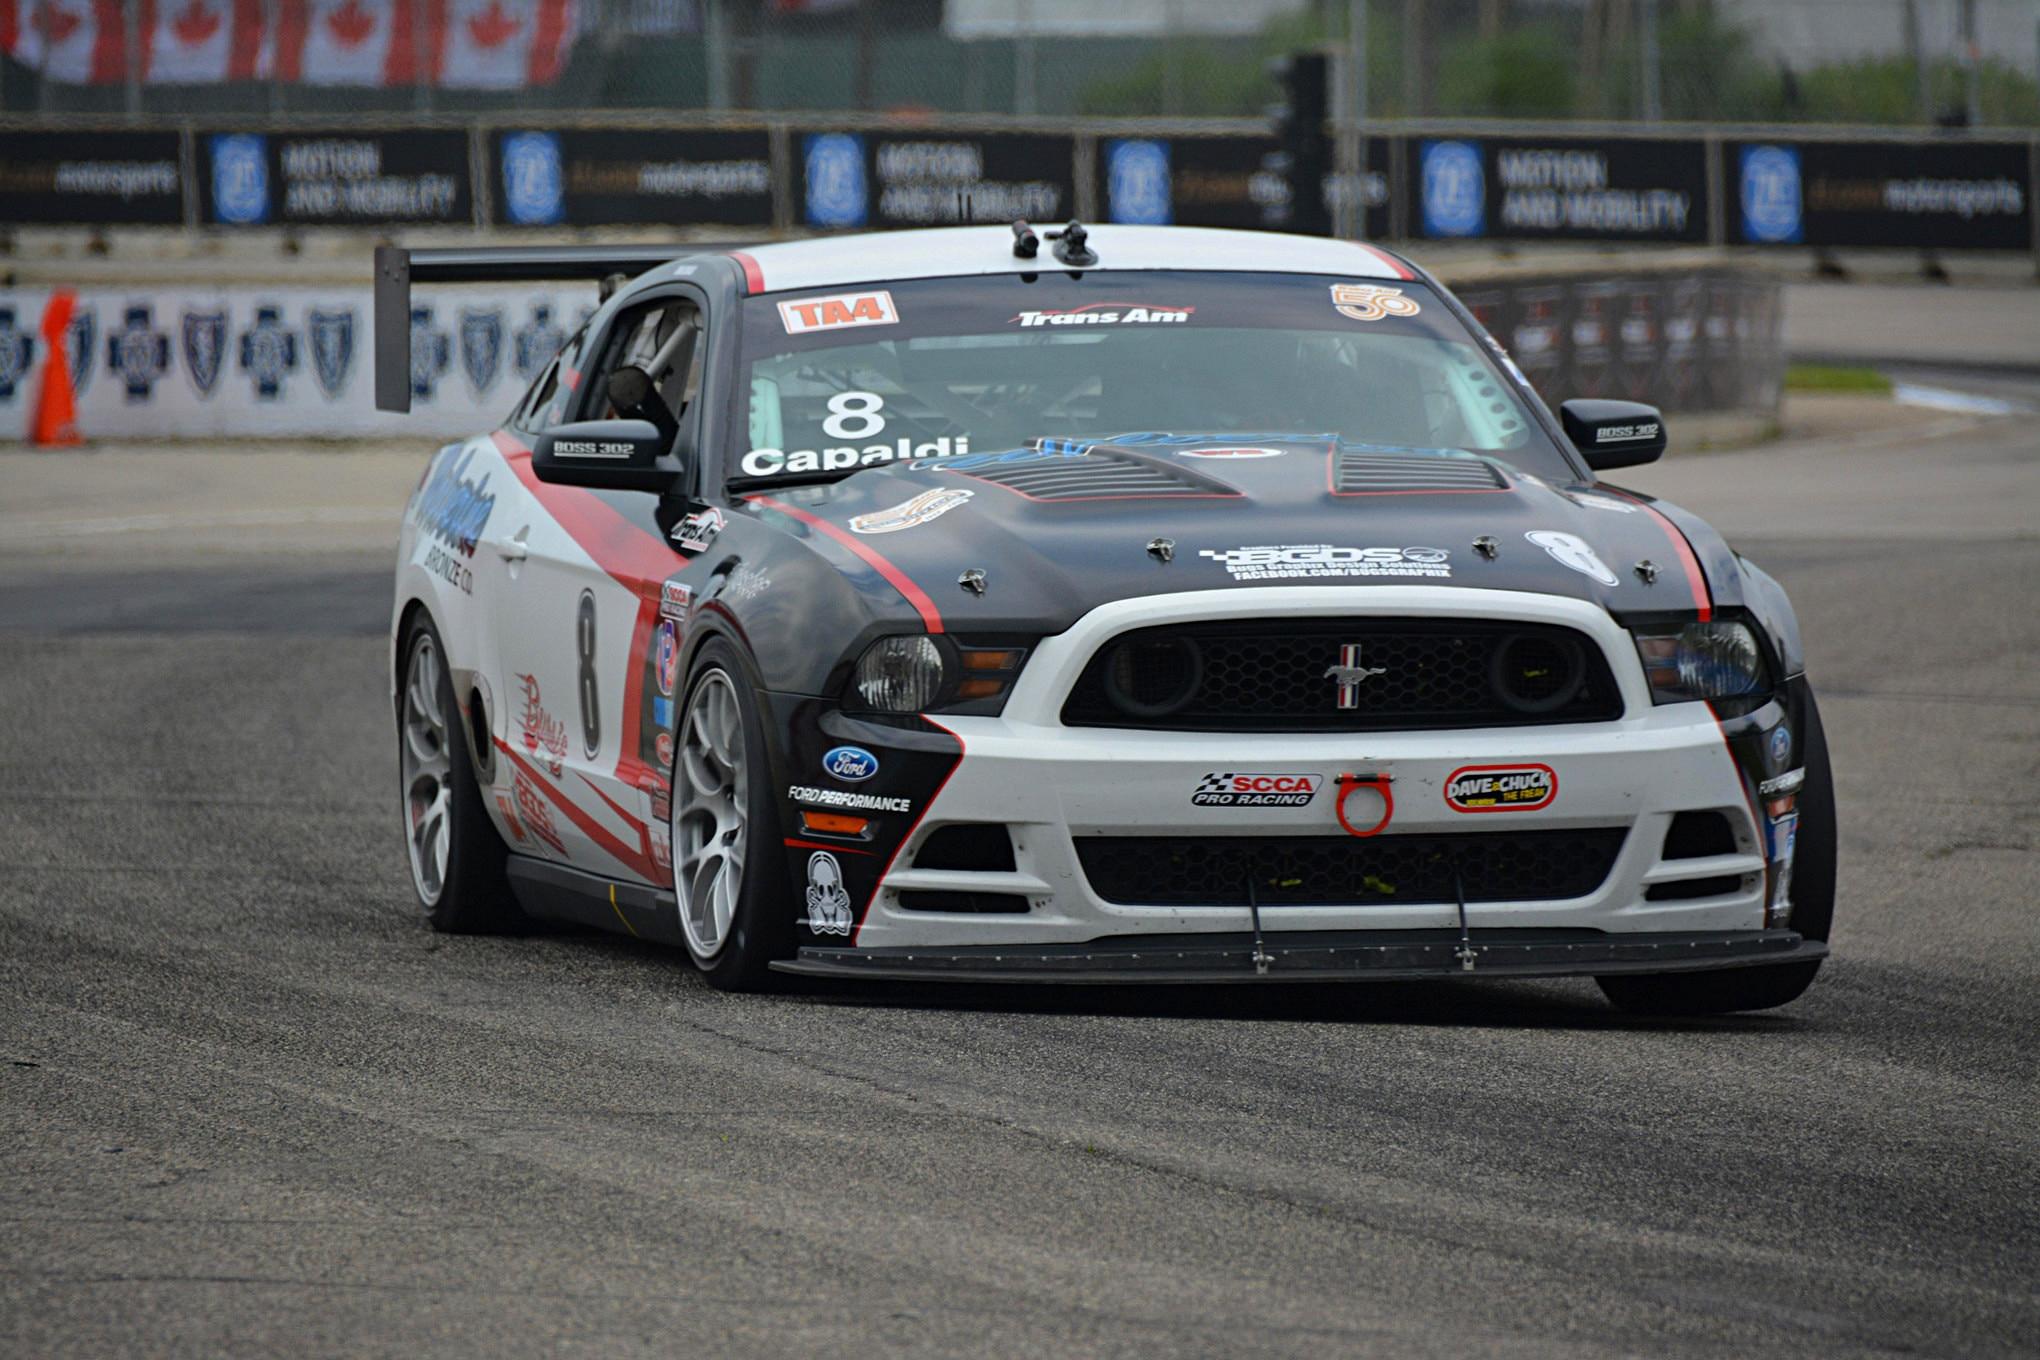 013 Mustang Transamrace Detroitgp